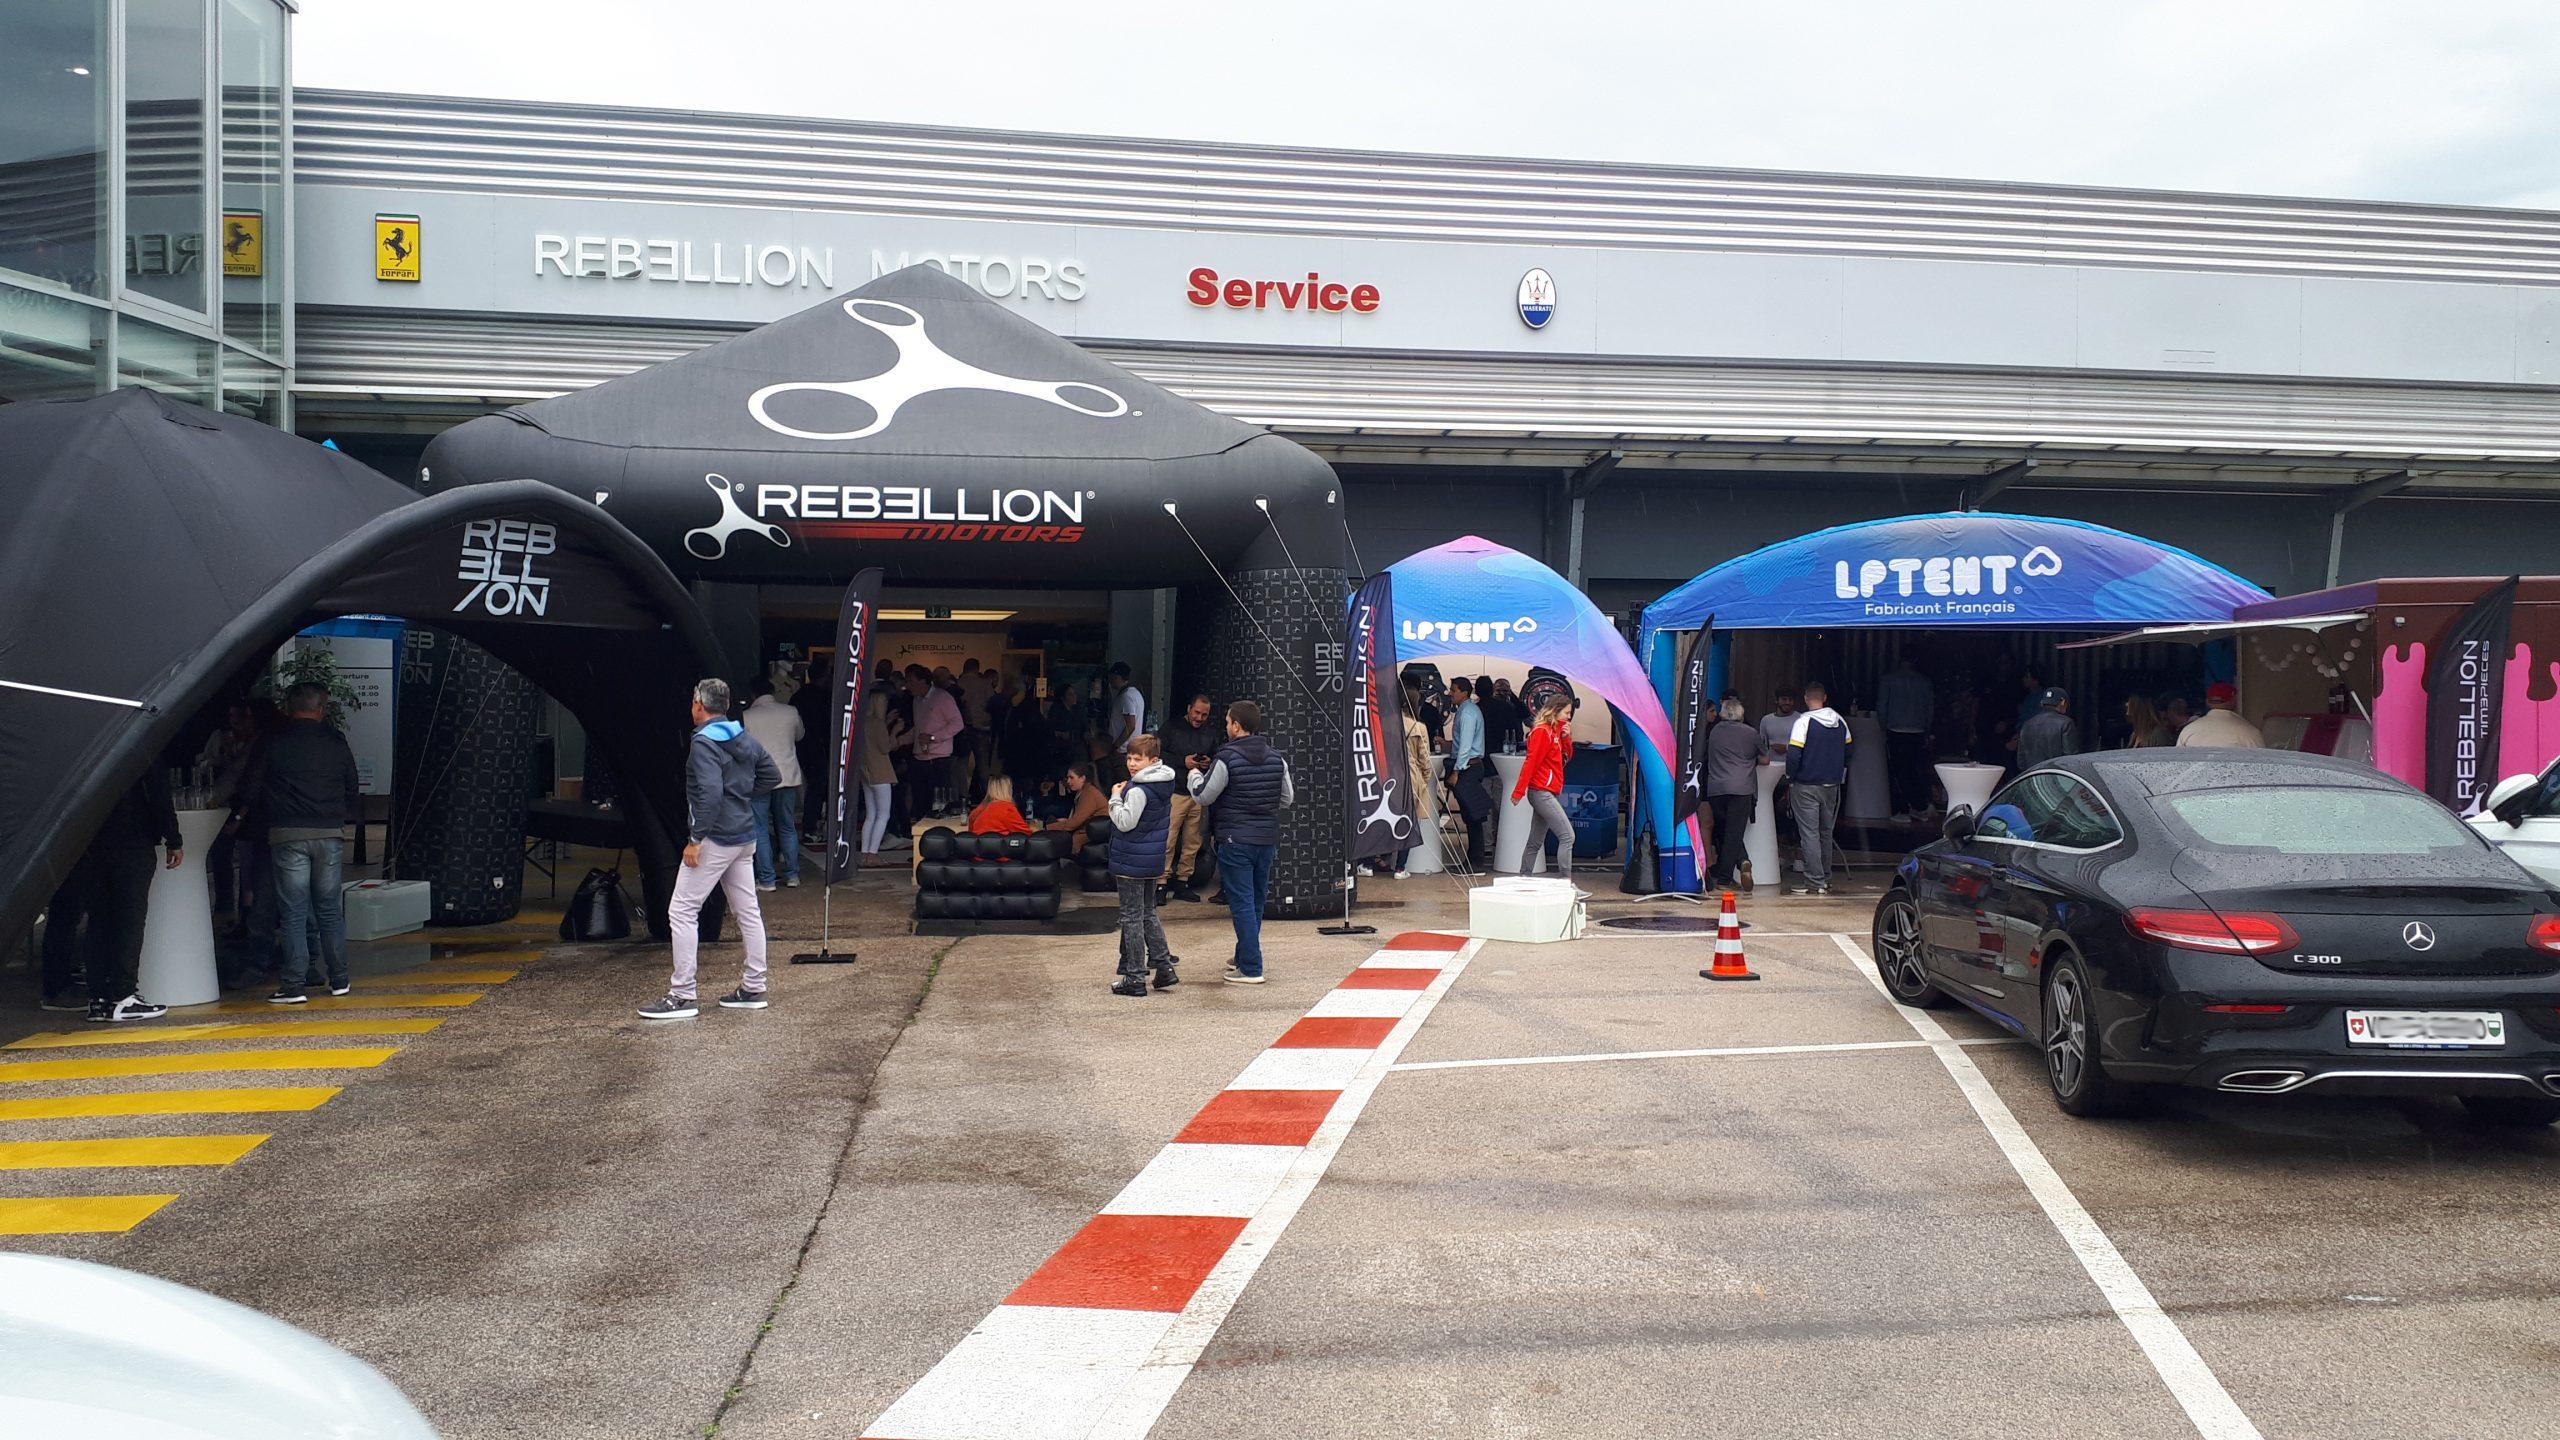 Stand événementiel gonflable concession automobile Rebellion